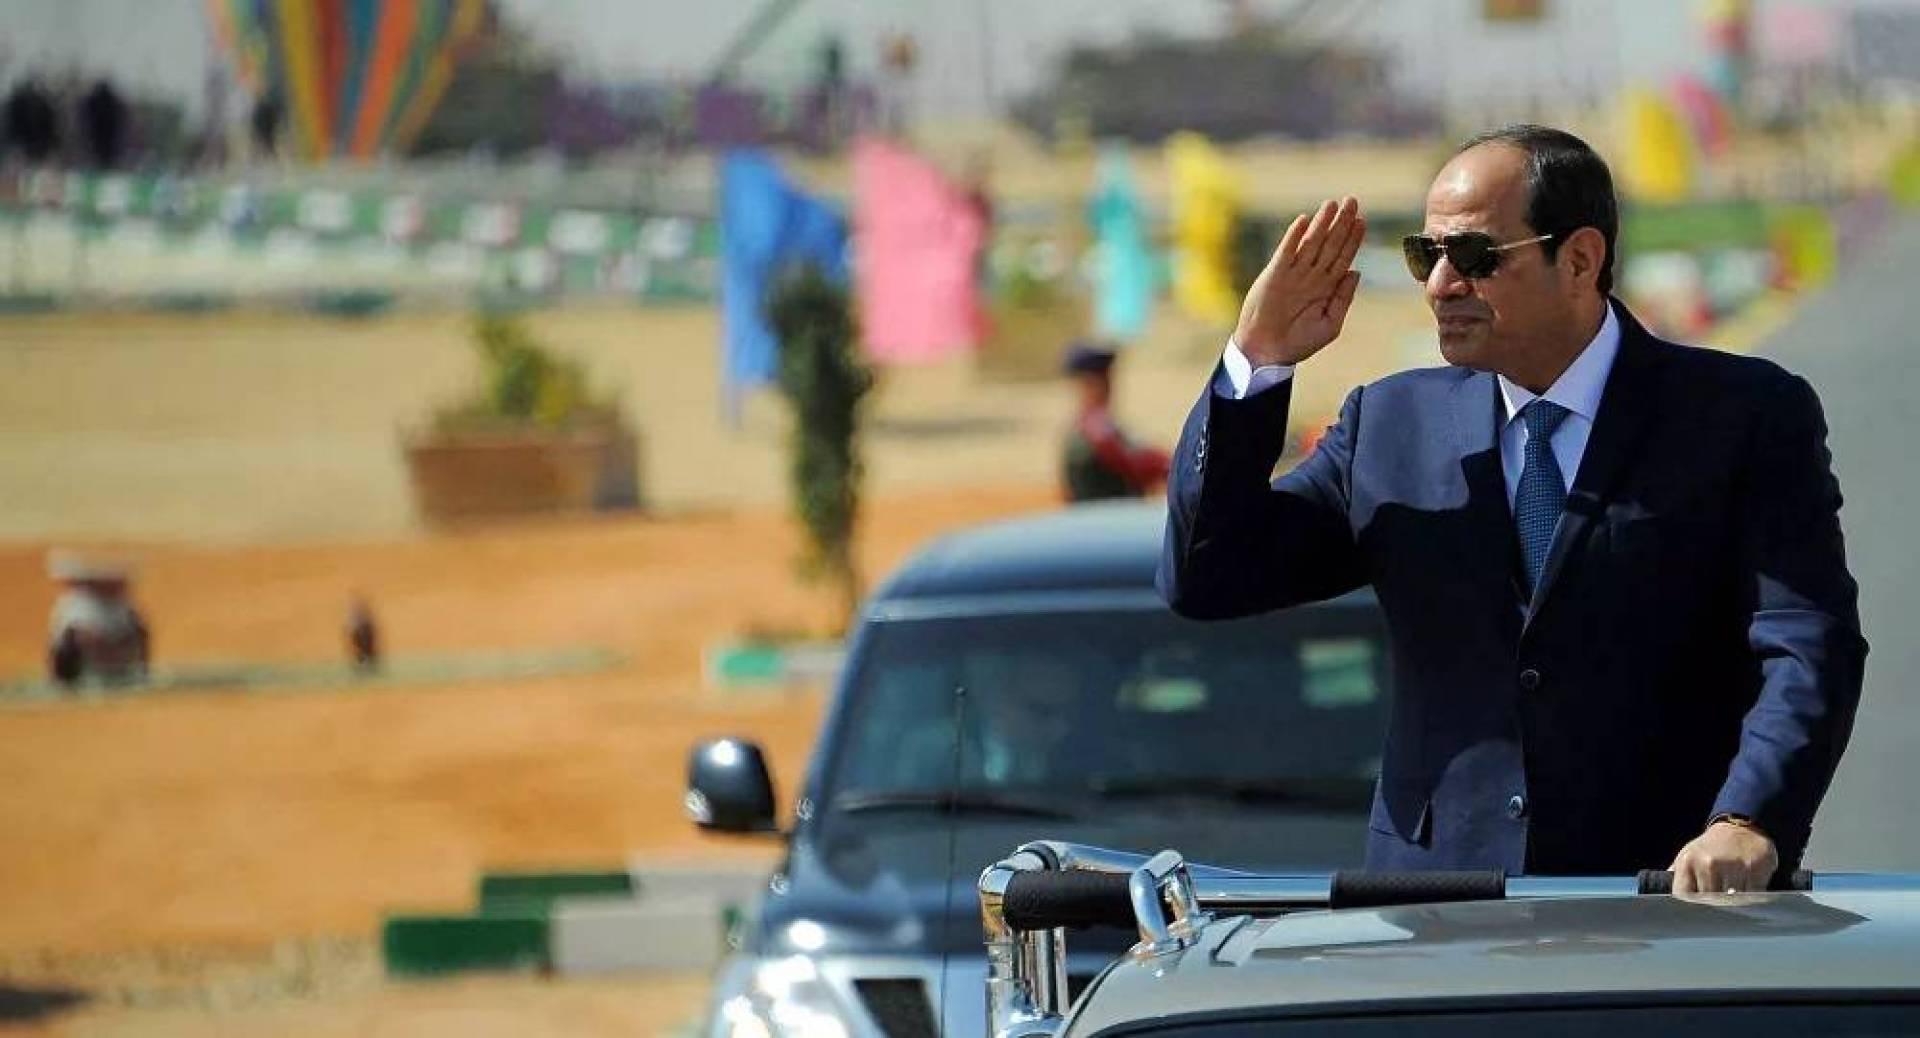 السيسي: الجيش المصري من أقوى جيوش المنطقة.. لكنه يحمي ولا يهدّد